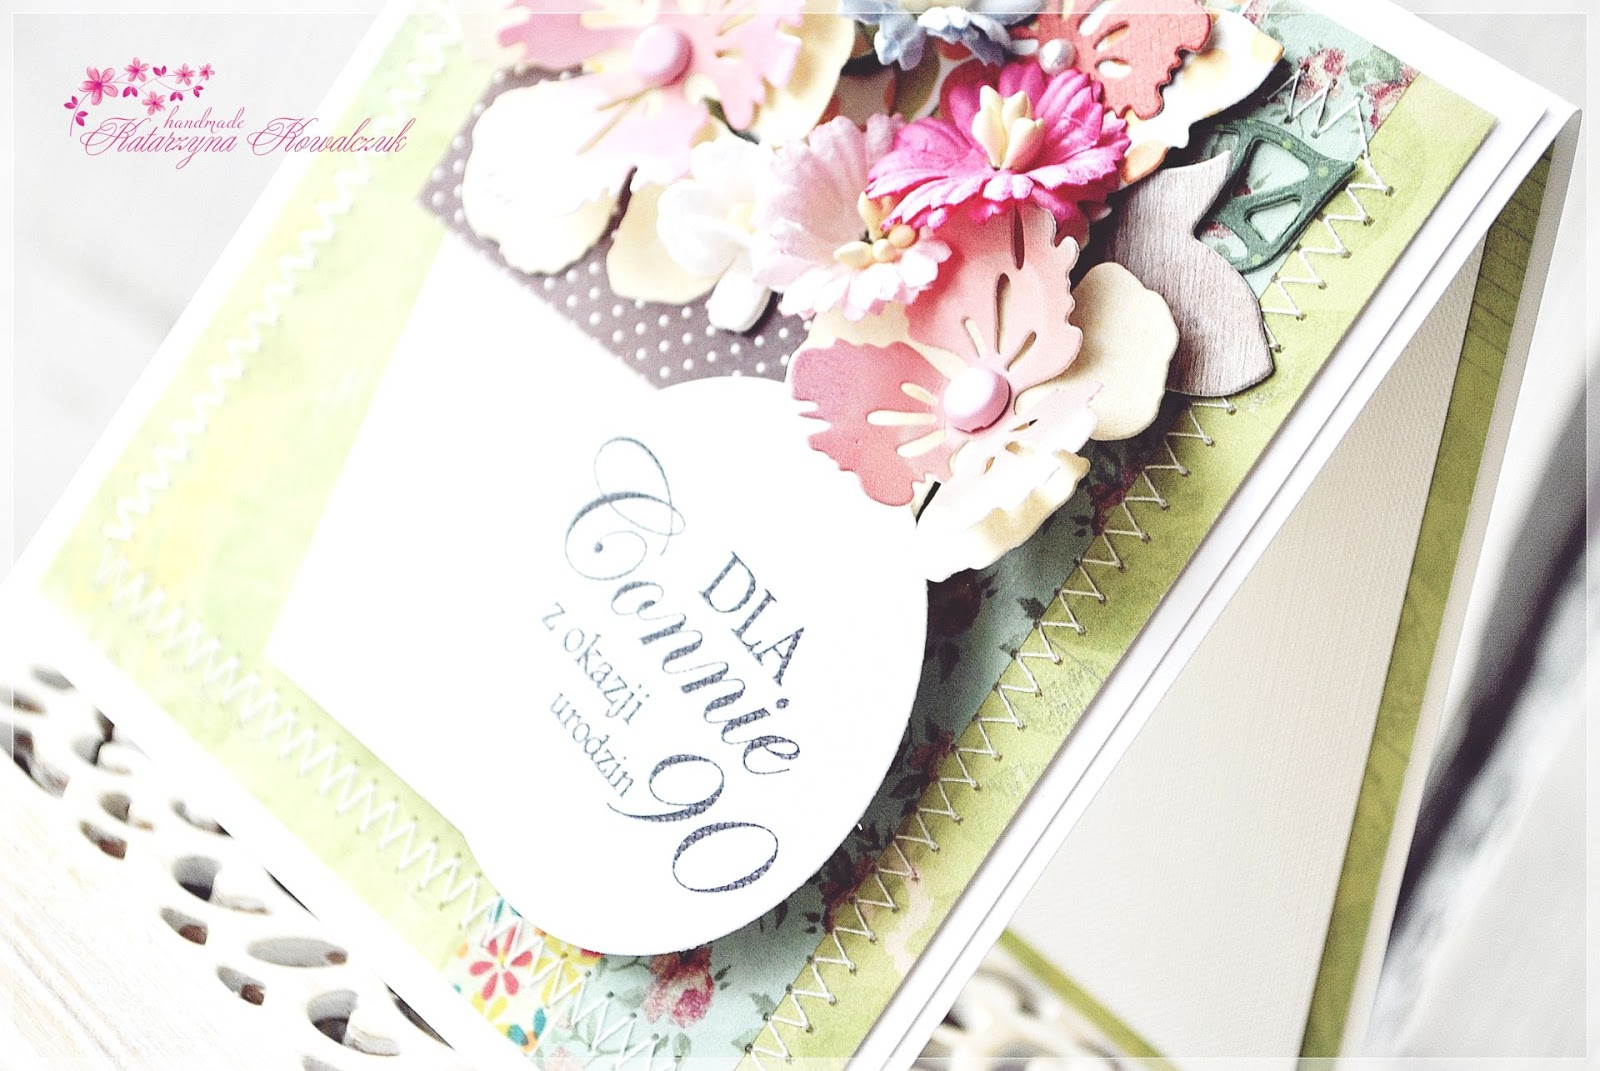 kartka urodzinowa, doniczka z kwiatami scrapbooking